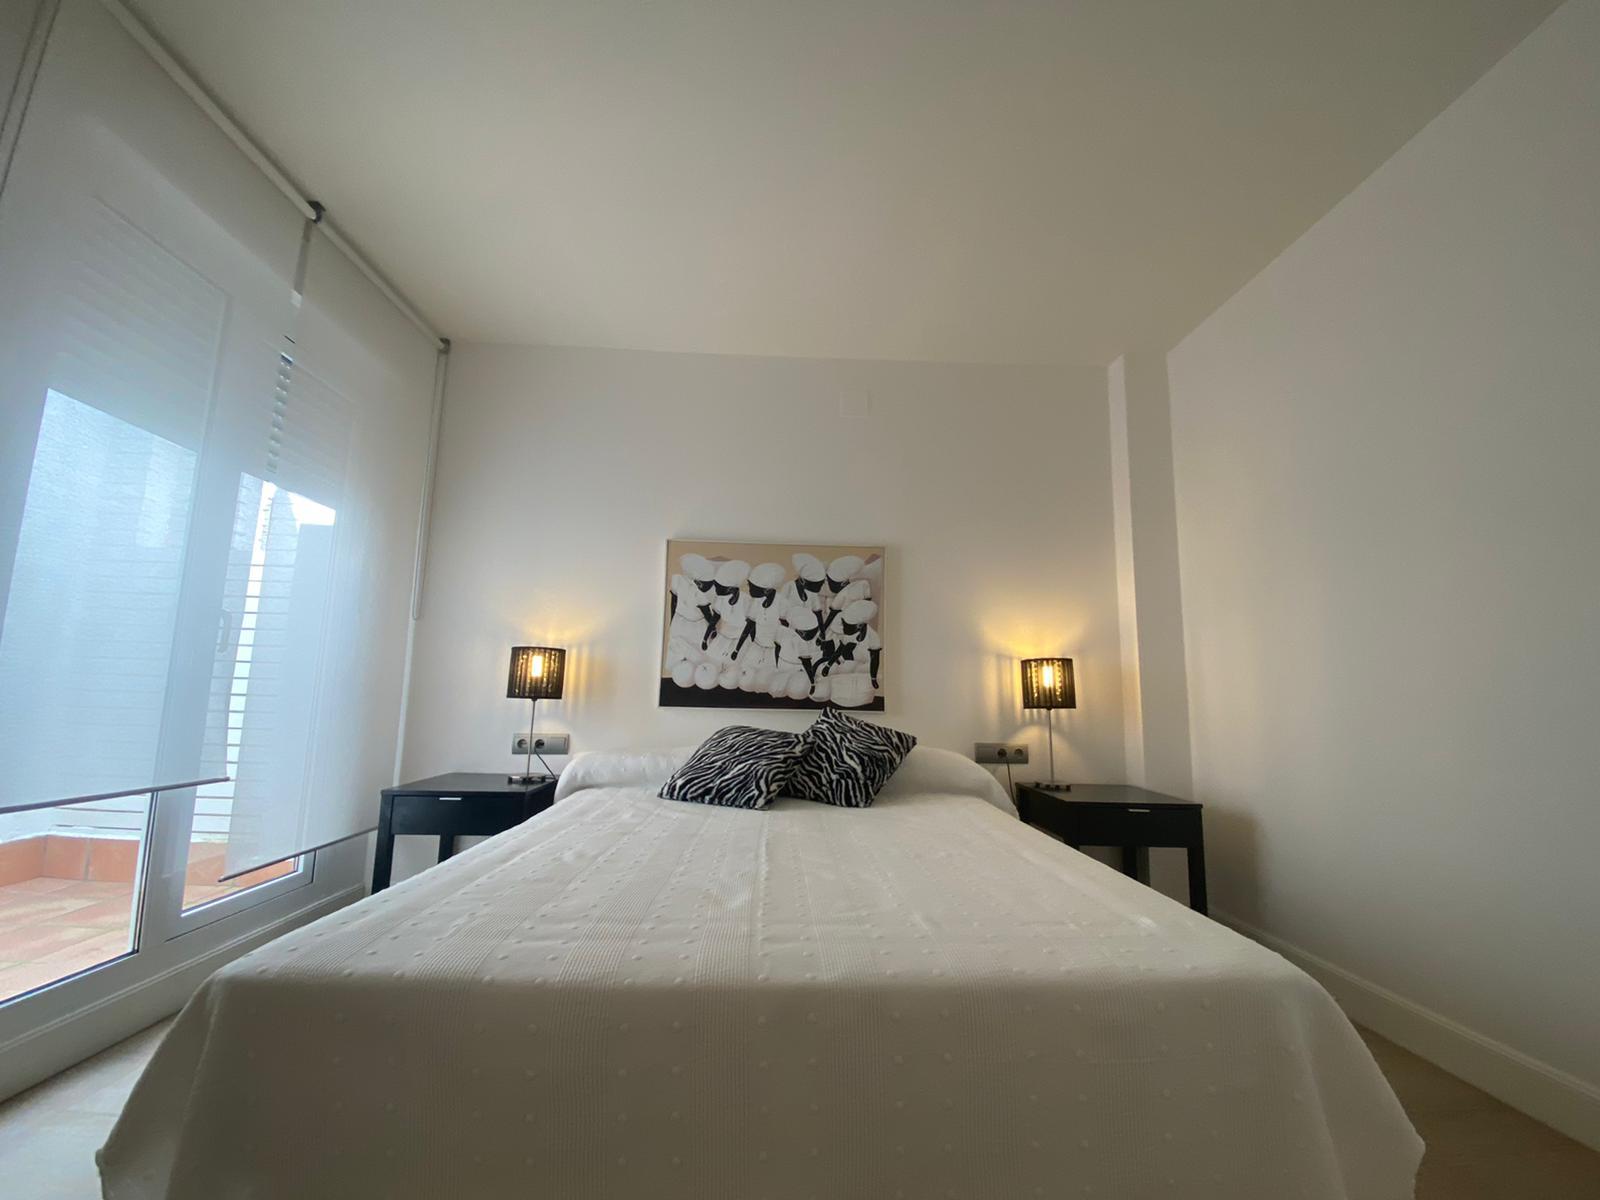 Imagen 11 del Apartamento Turístico, Ático 1 Central (3d+2b), Punta del Moral (HUELVA), Paseo de la Cruz nº22